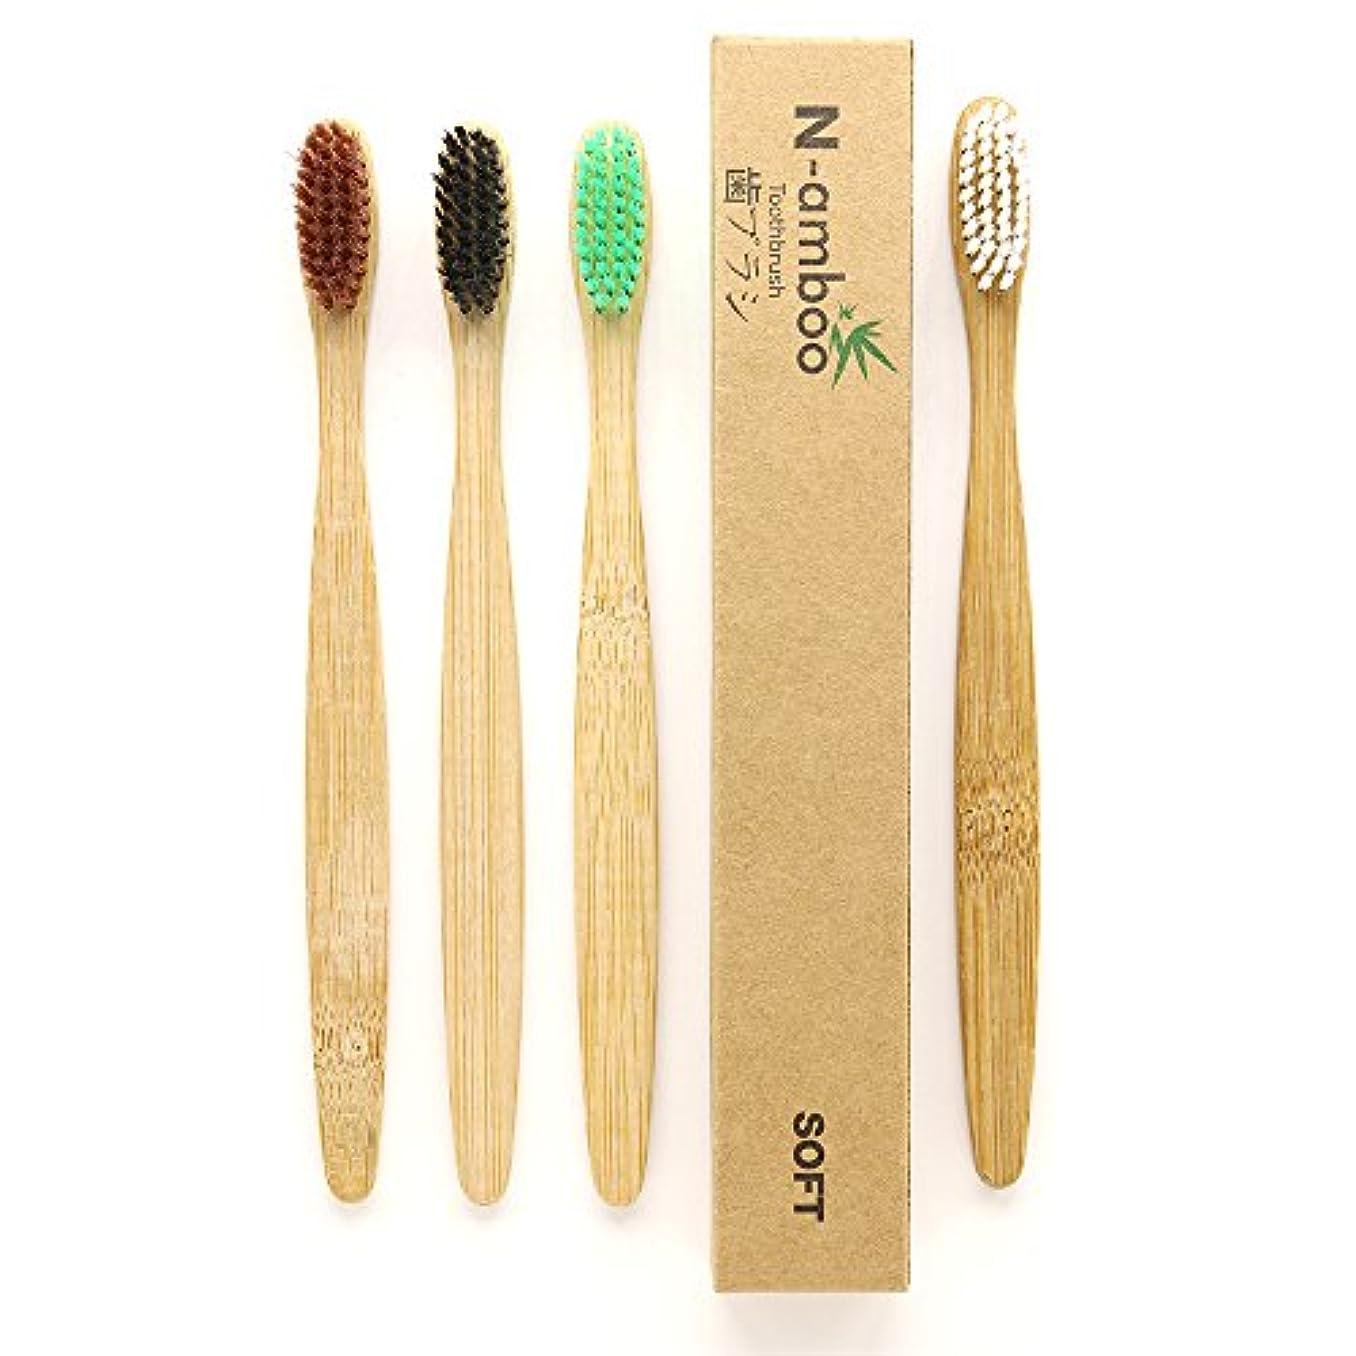 パリティ過度の突撃N-amboo 竹製耐久度高い 歯ブラシ 4本入り(4色各1本)